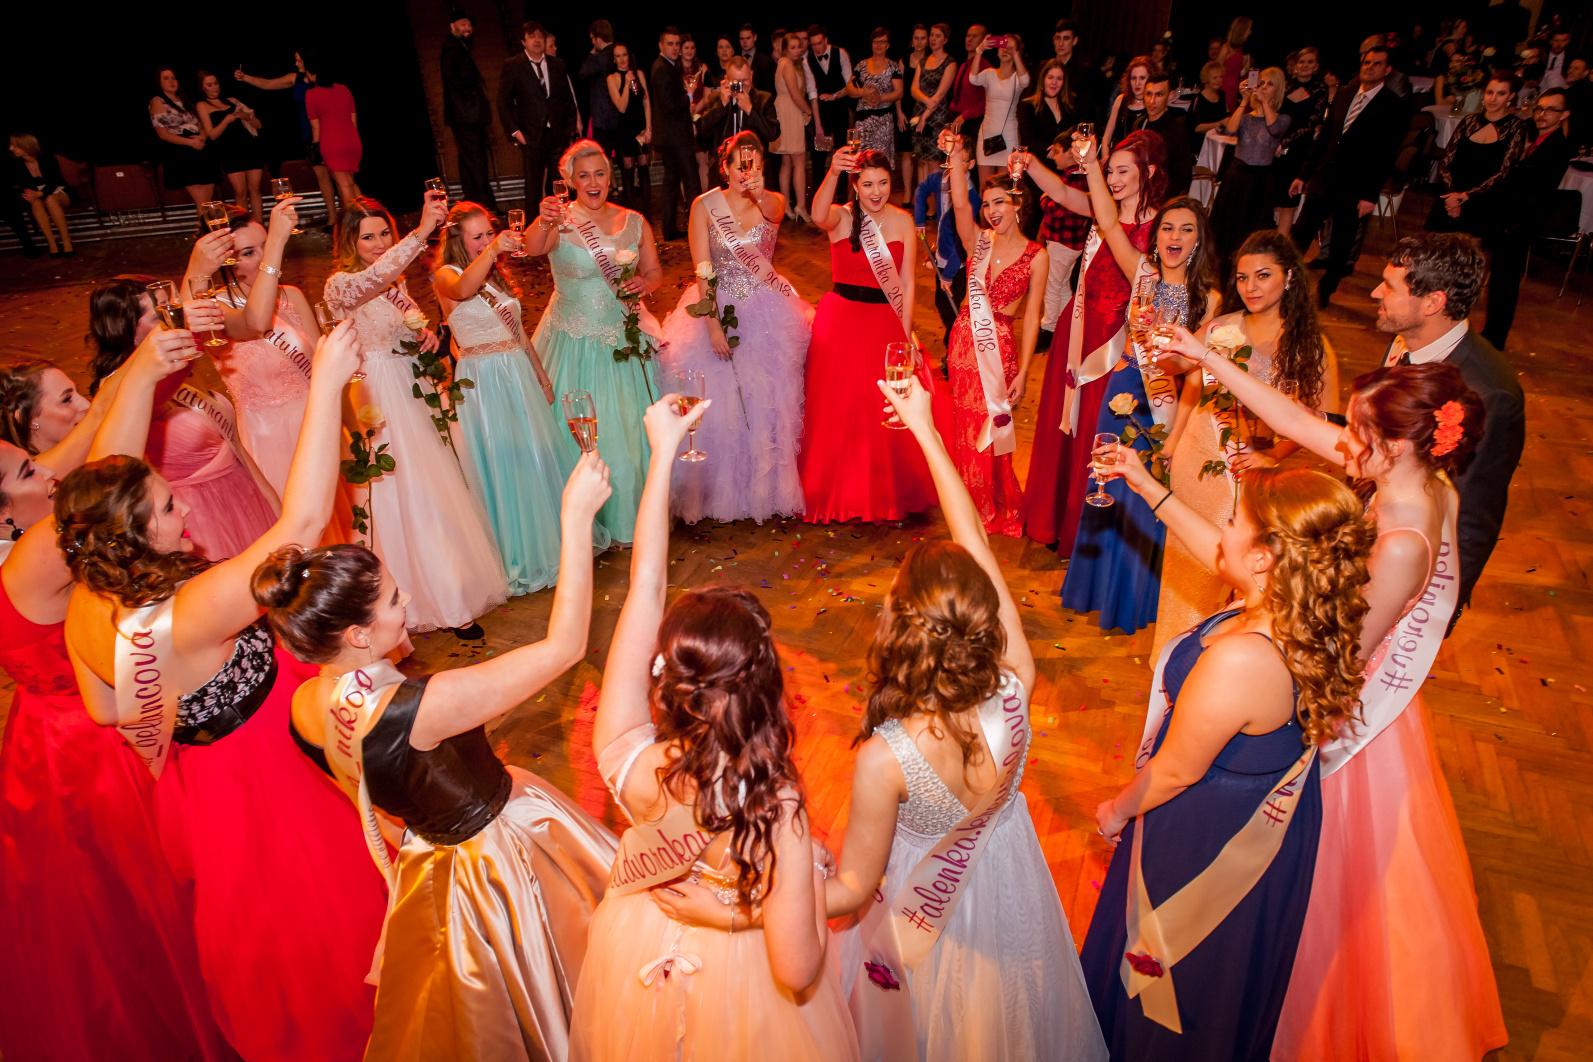 Vyhrajte focení maturitního plesu v hodnotě 5000 Kč zcela zdarma - zapojte se do soutěže!